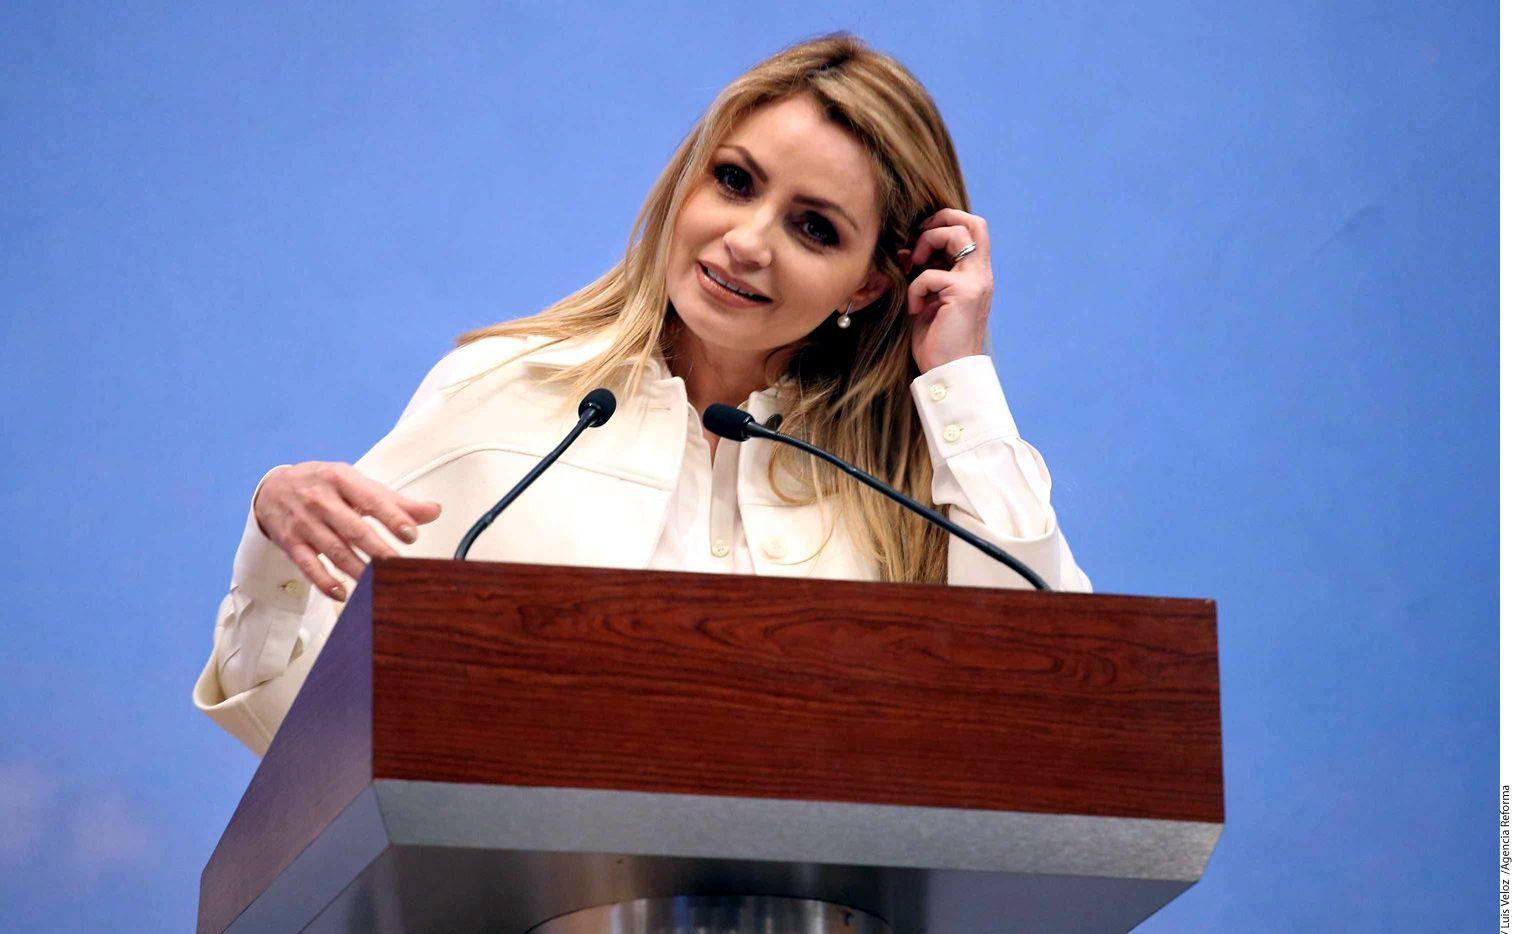 La Primera Dama, Angélica Rivera, usa un departamento en Florida comprado por una empresa que compite por contratos con el Gobierno mexicano.